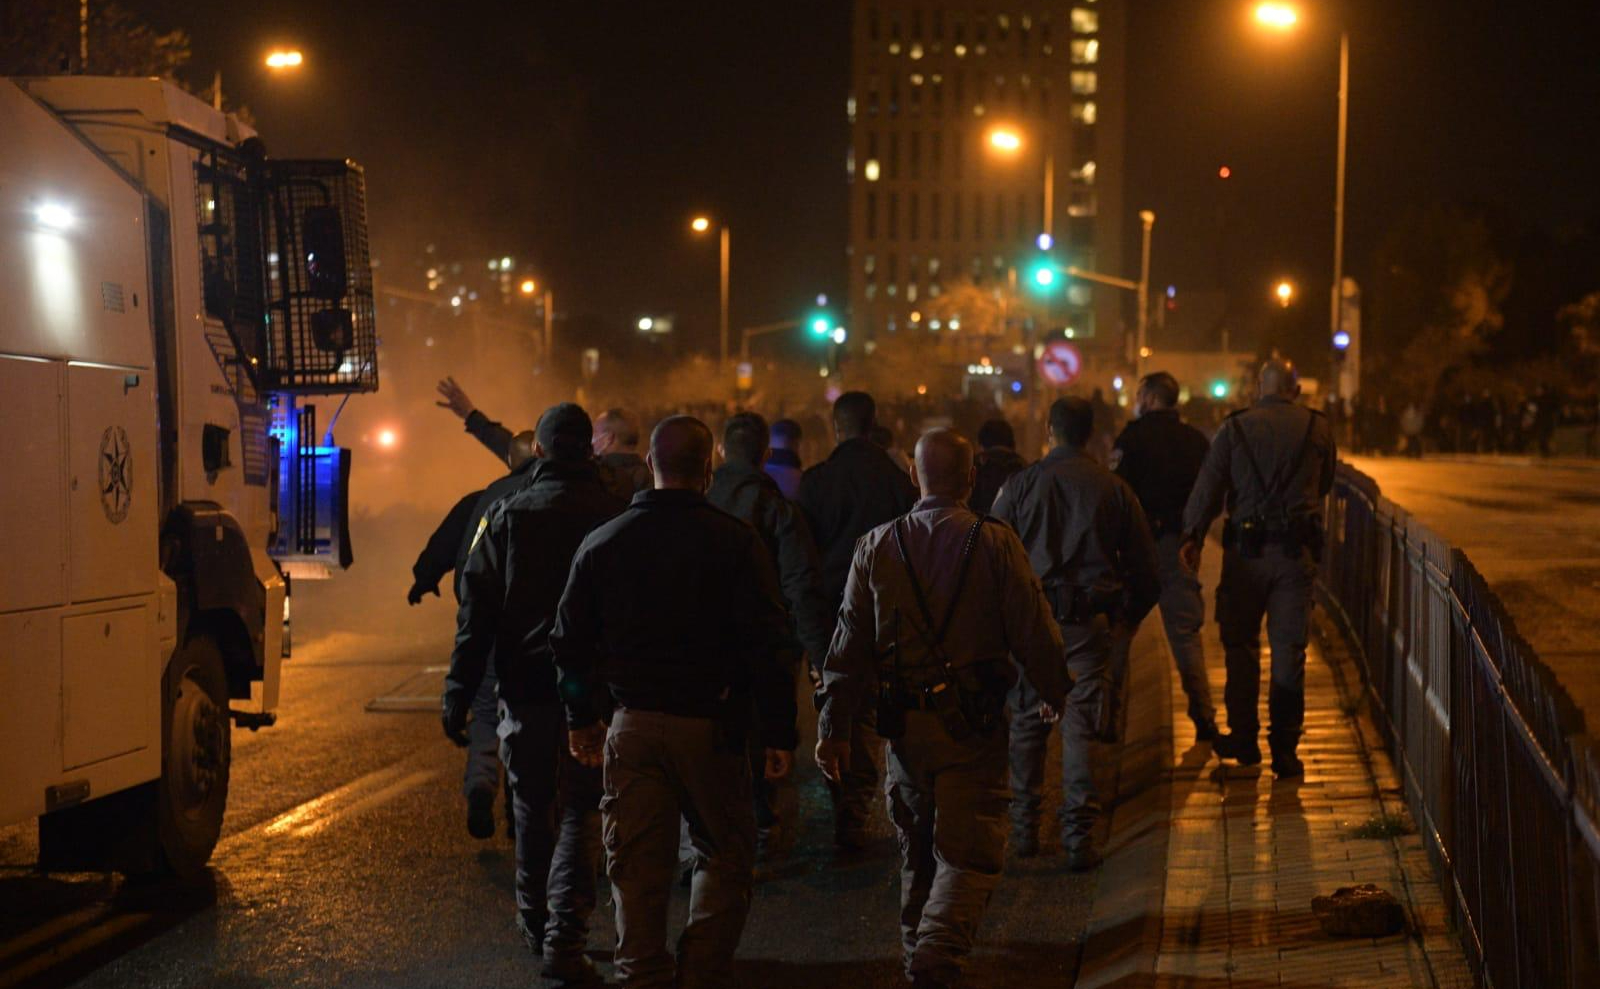 В Израиле во время акции протеста пострадали несколько полицейских